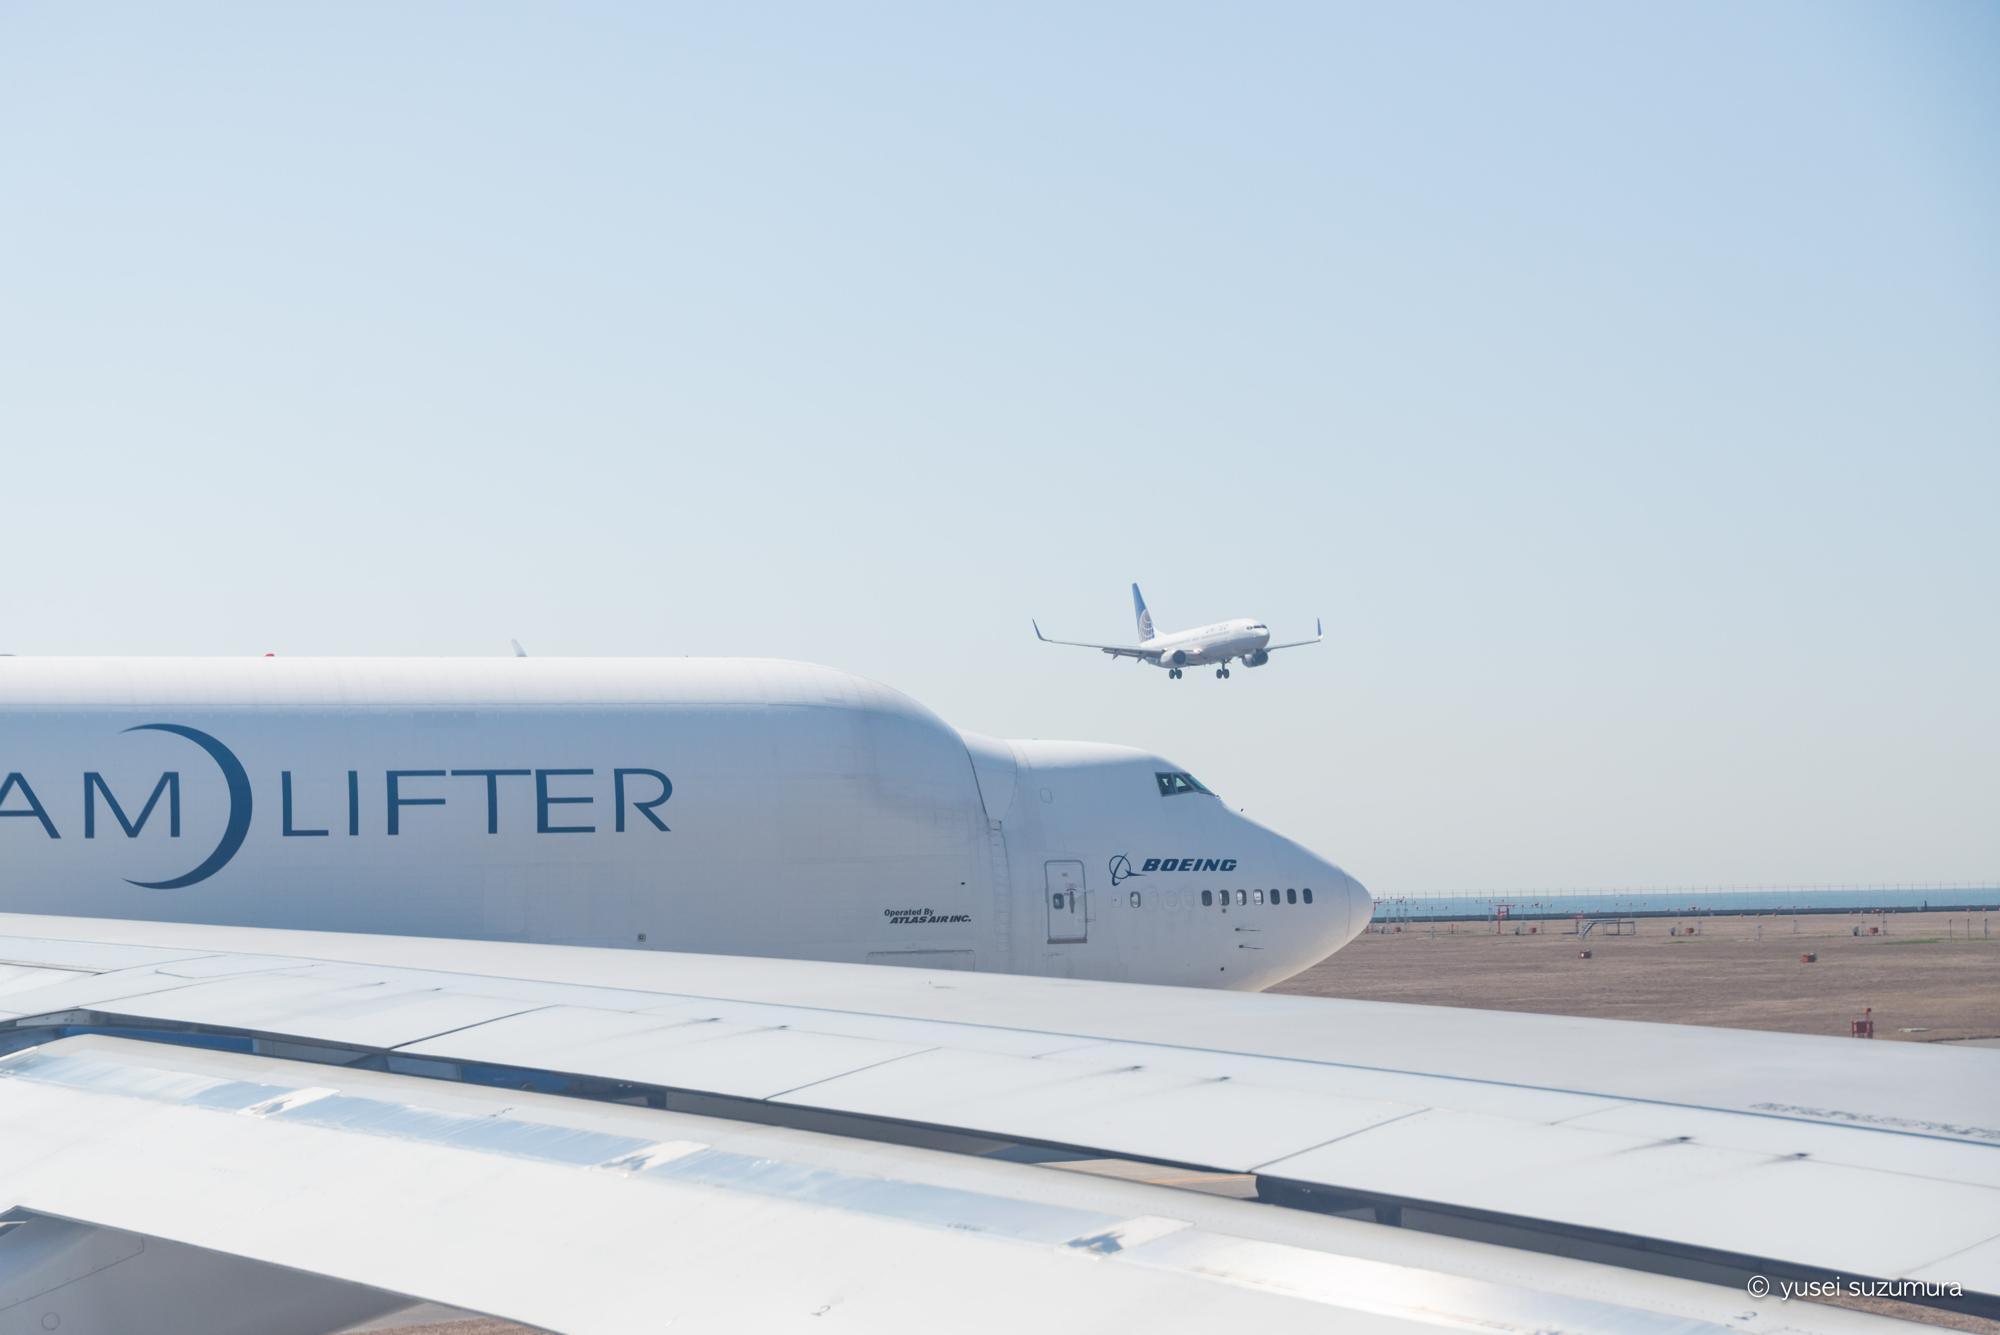 ドリームリフターと三機の飛行機